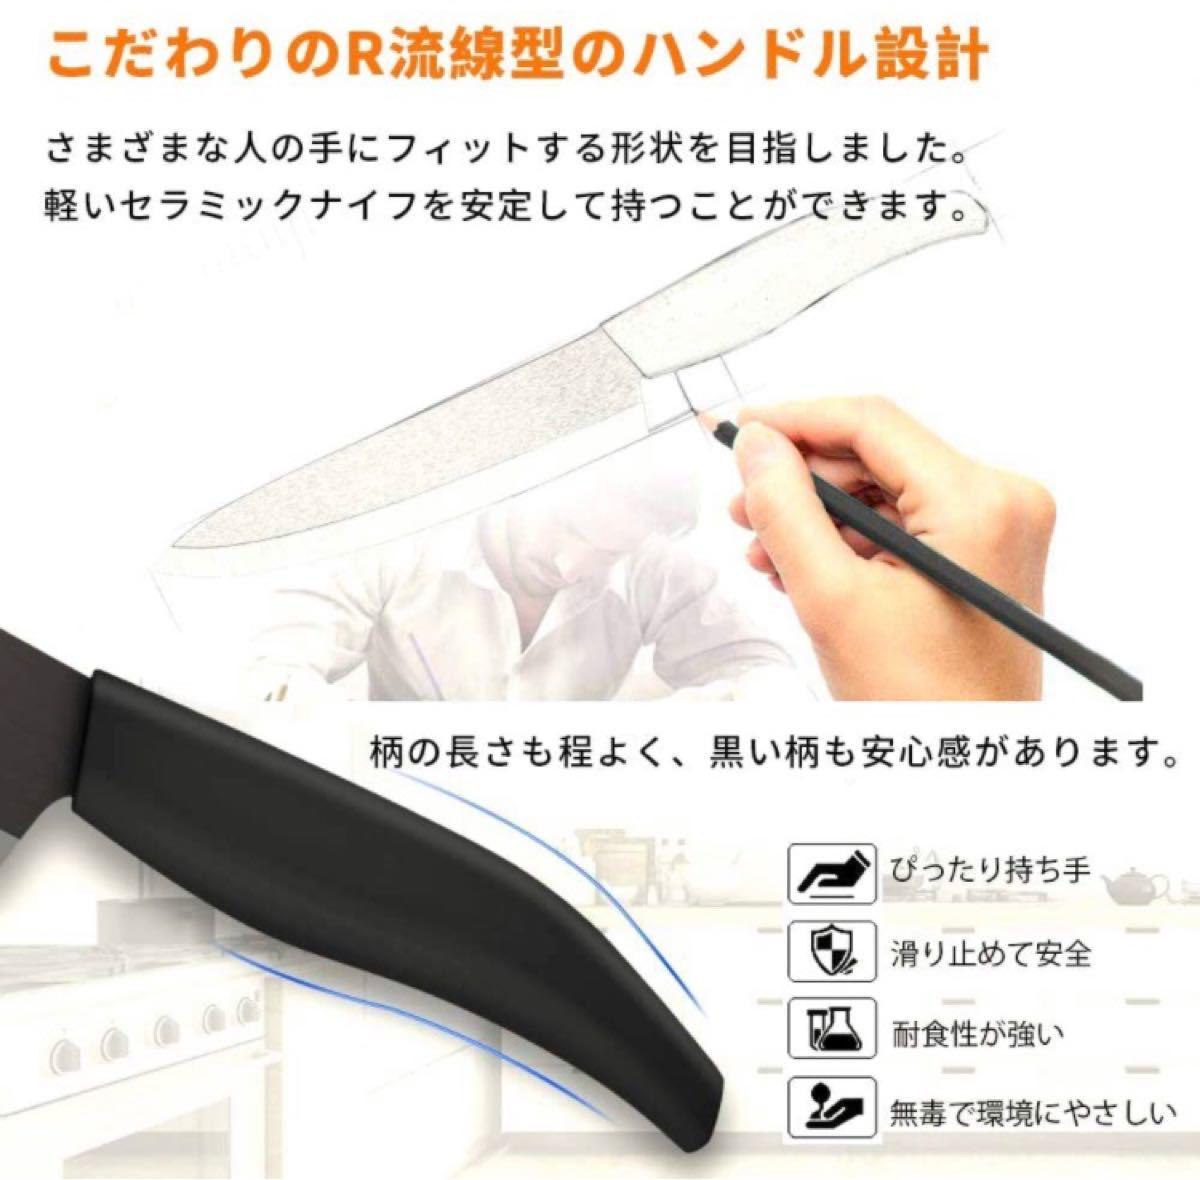 セラミック包丁セット5点セットナイフ黒刃4本包丁1つ皮むき器カーブピーラー超軽量切れ味抜群錆びない